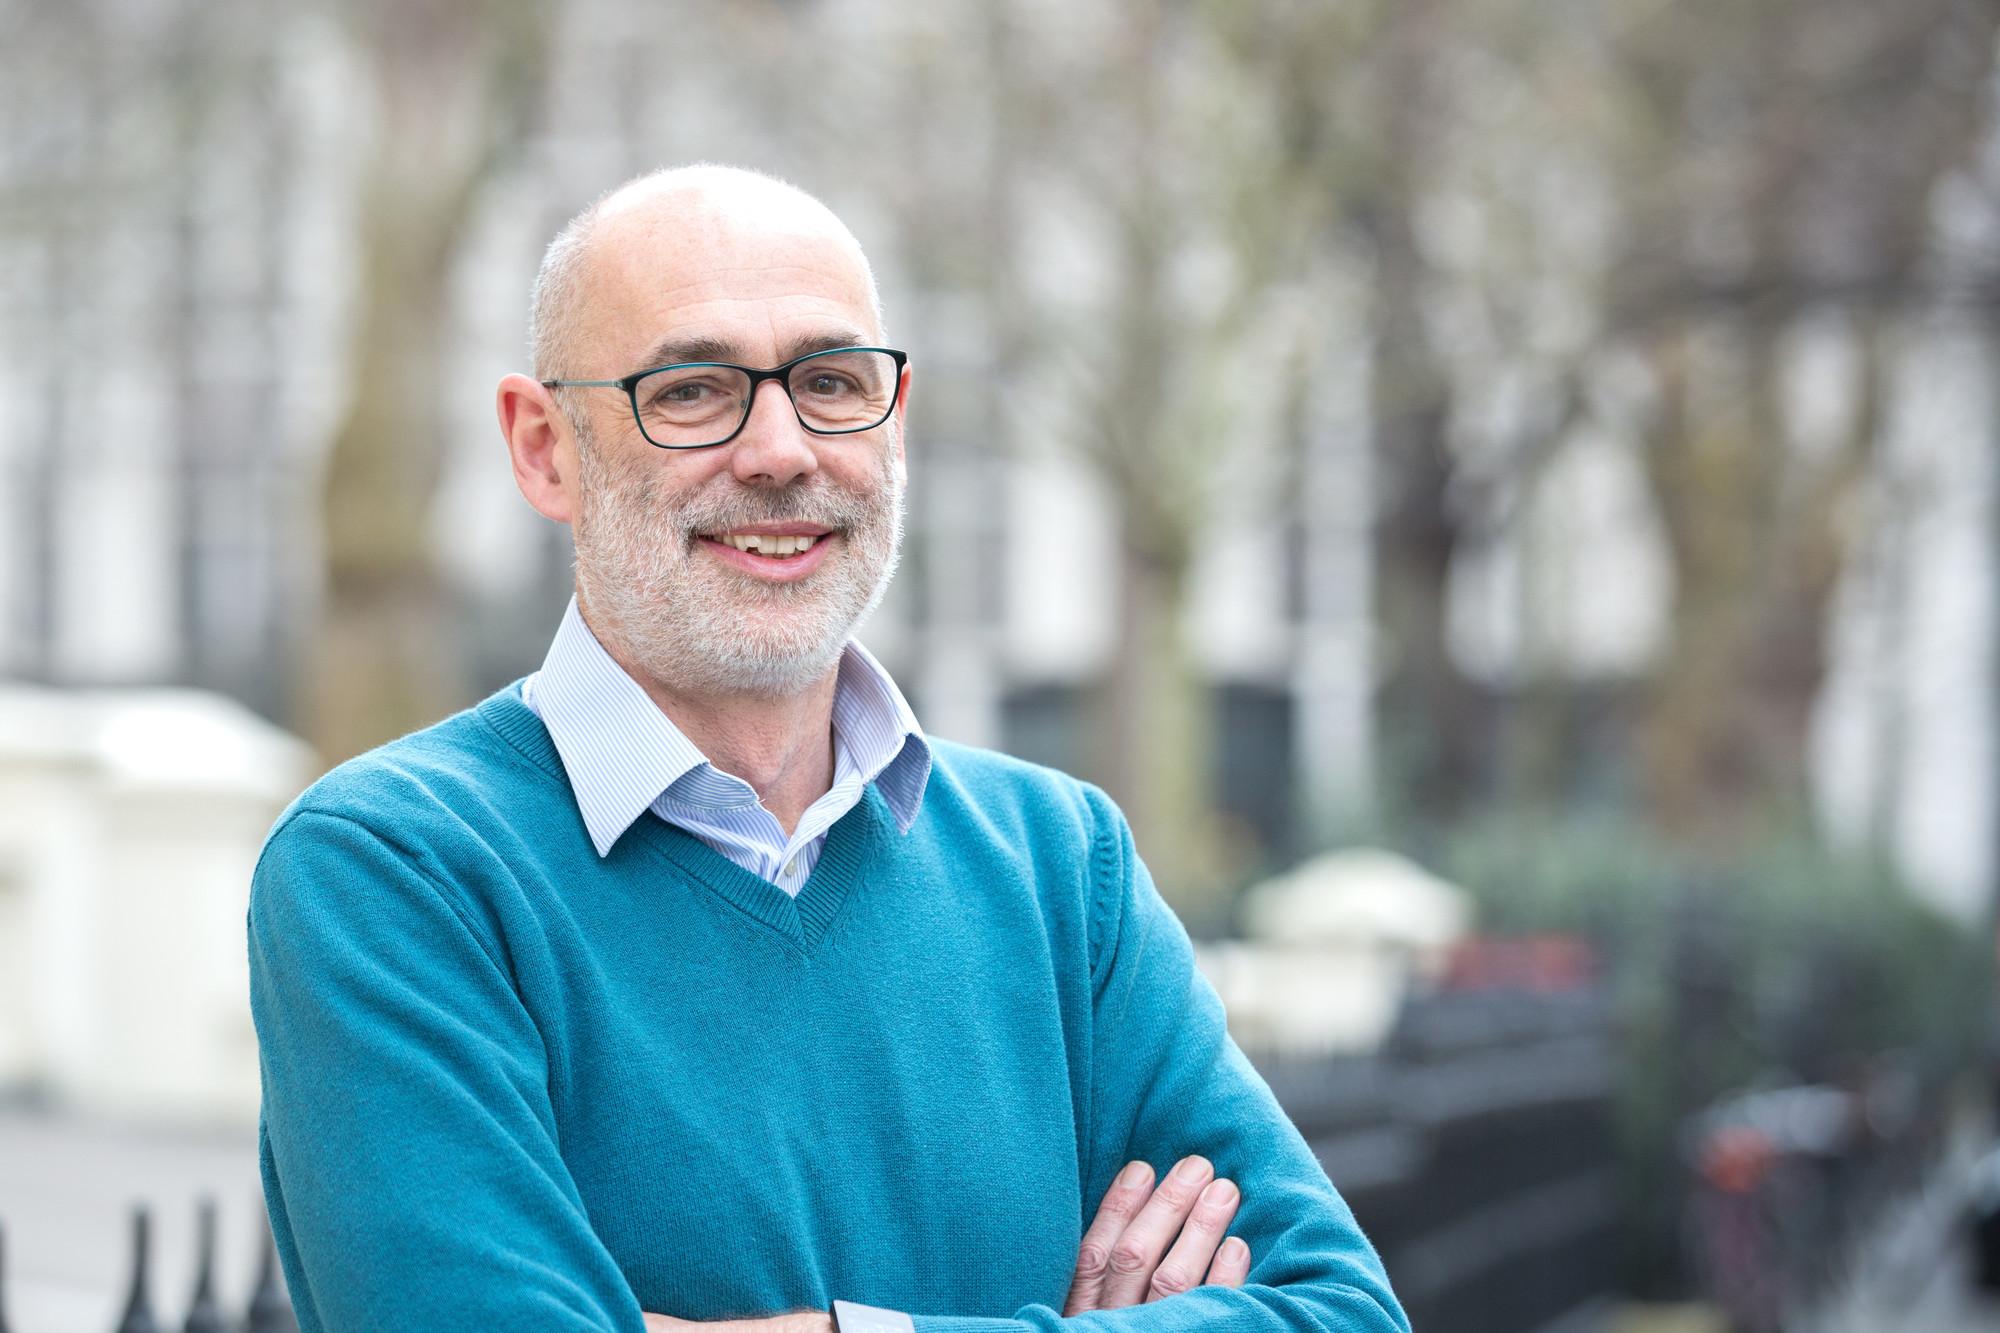 Professor Gary Frost